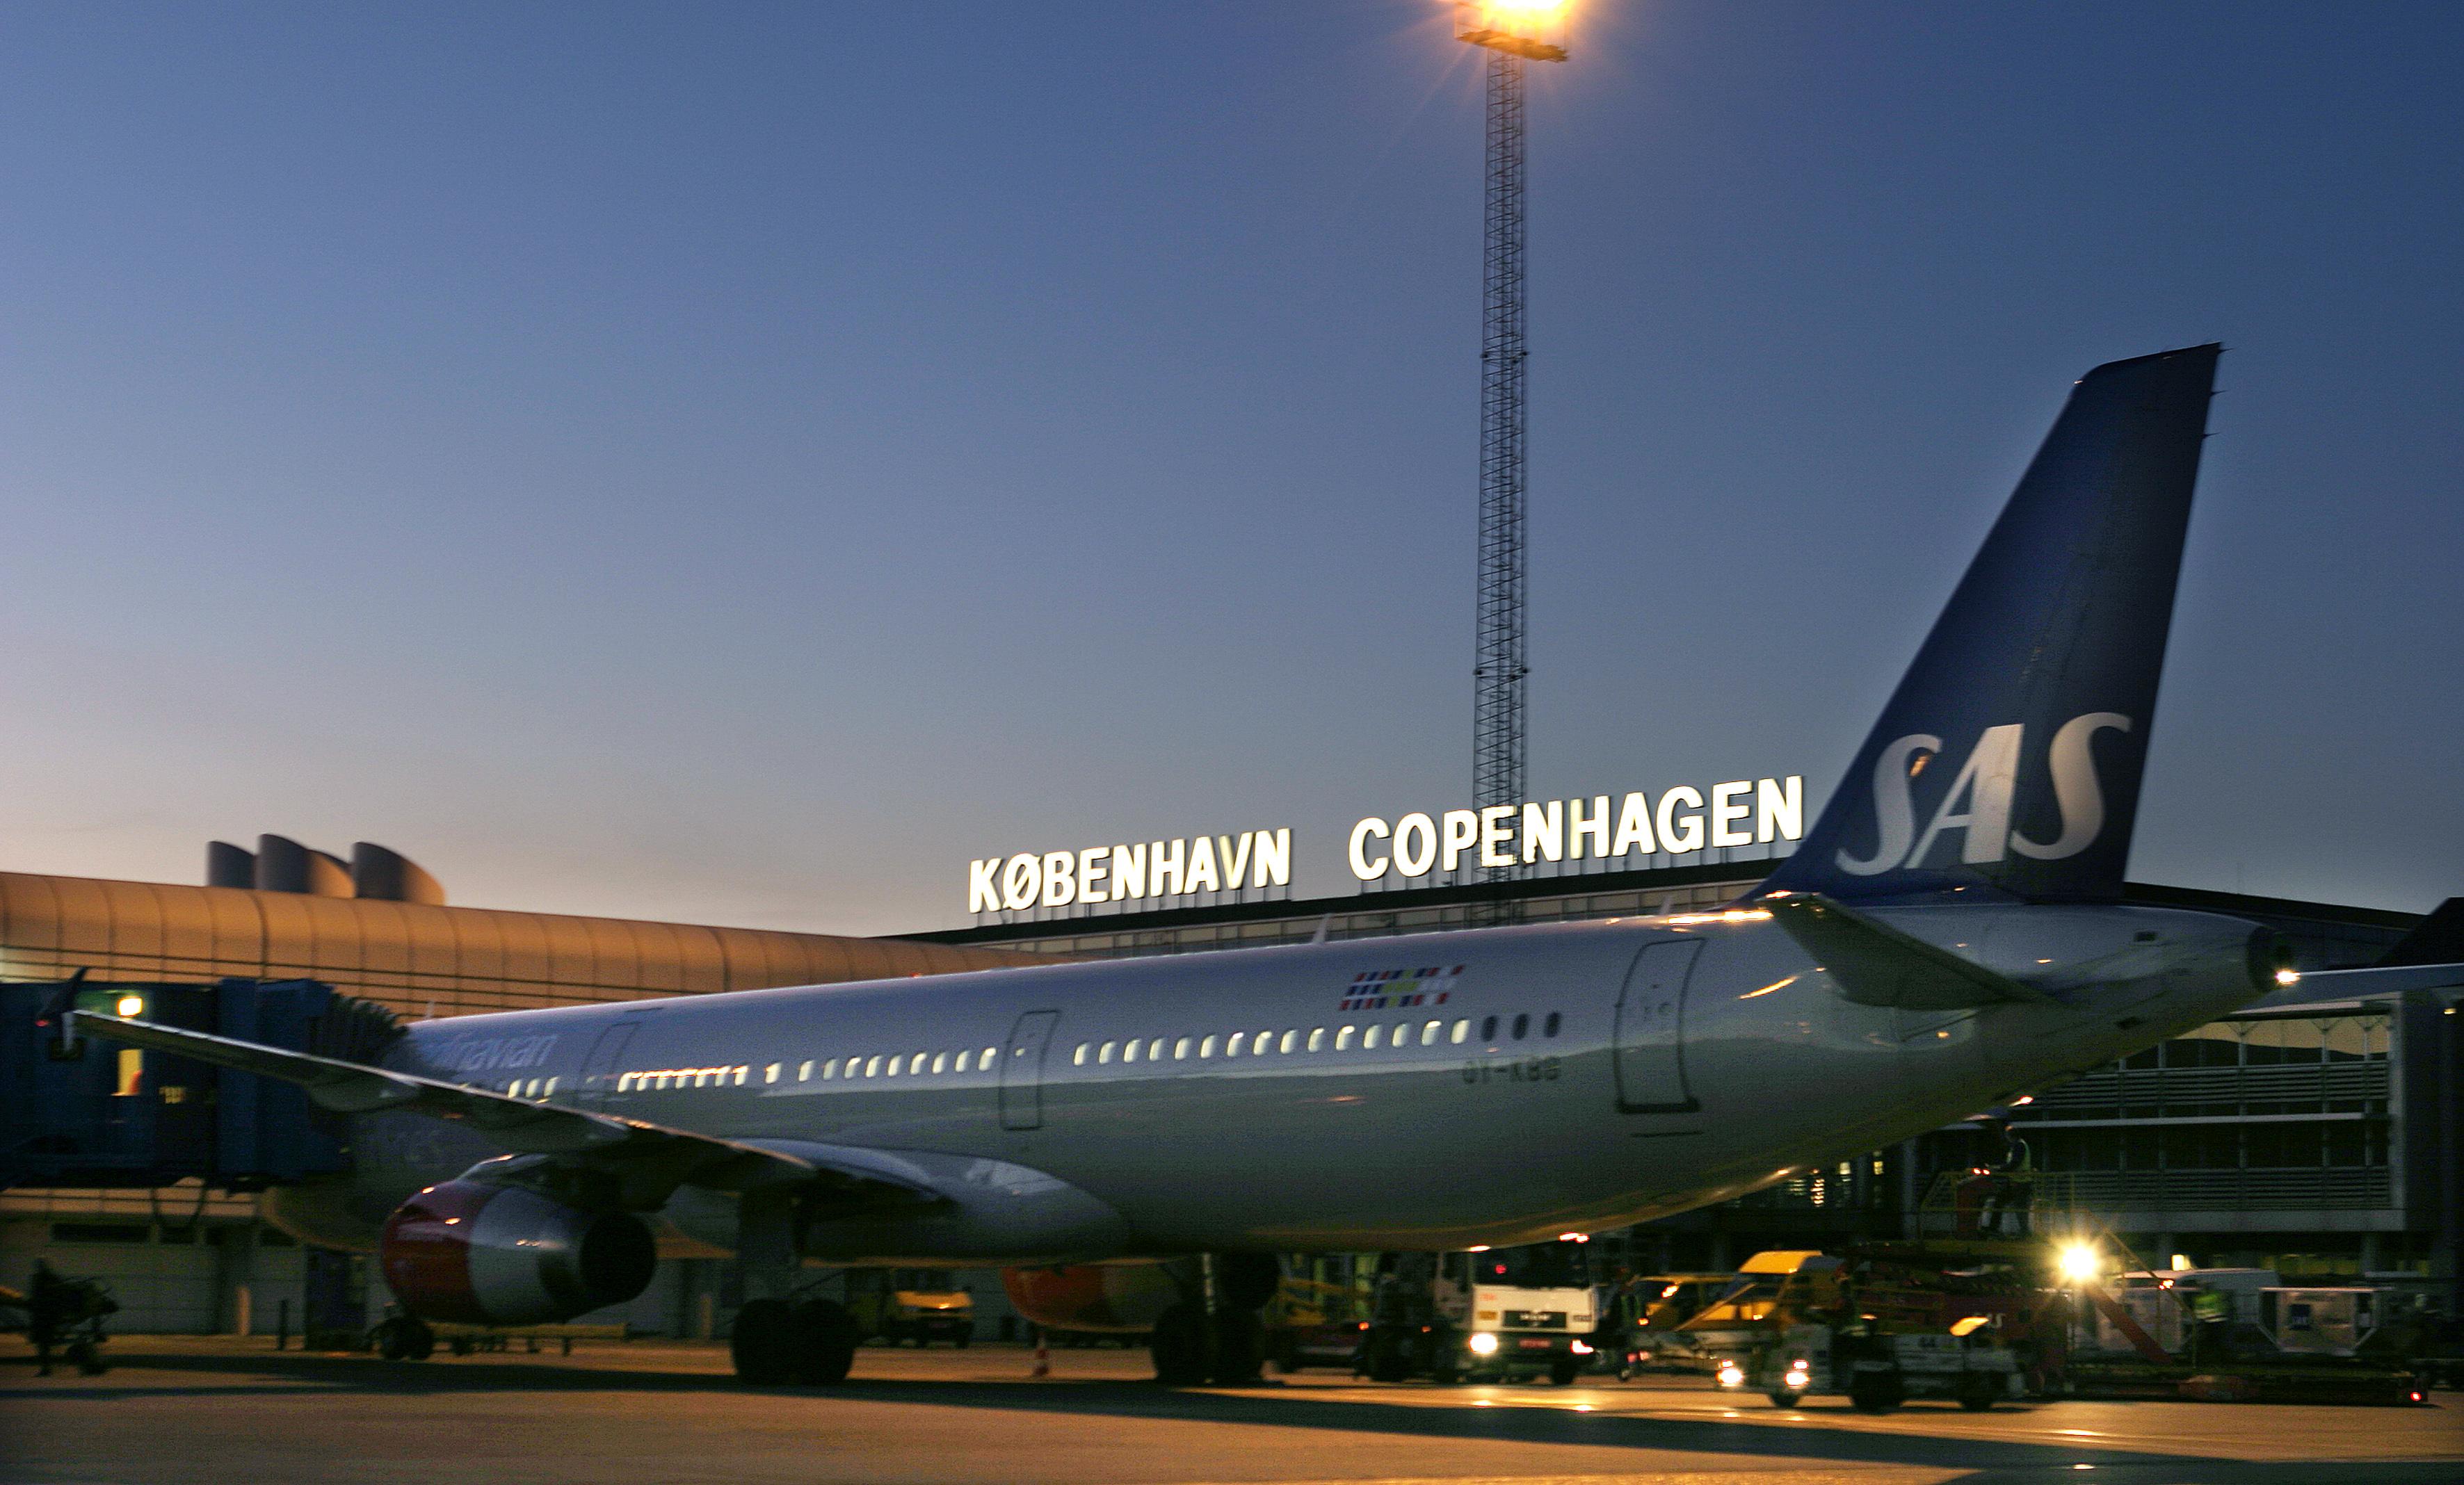 Københavns Lufthavn havde sidste år tæt på 30,3 millioner passagerer, hvilket var ny rekord. Arkivfoto fra Københavns Lufthavn.